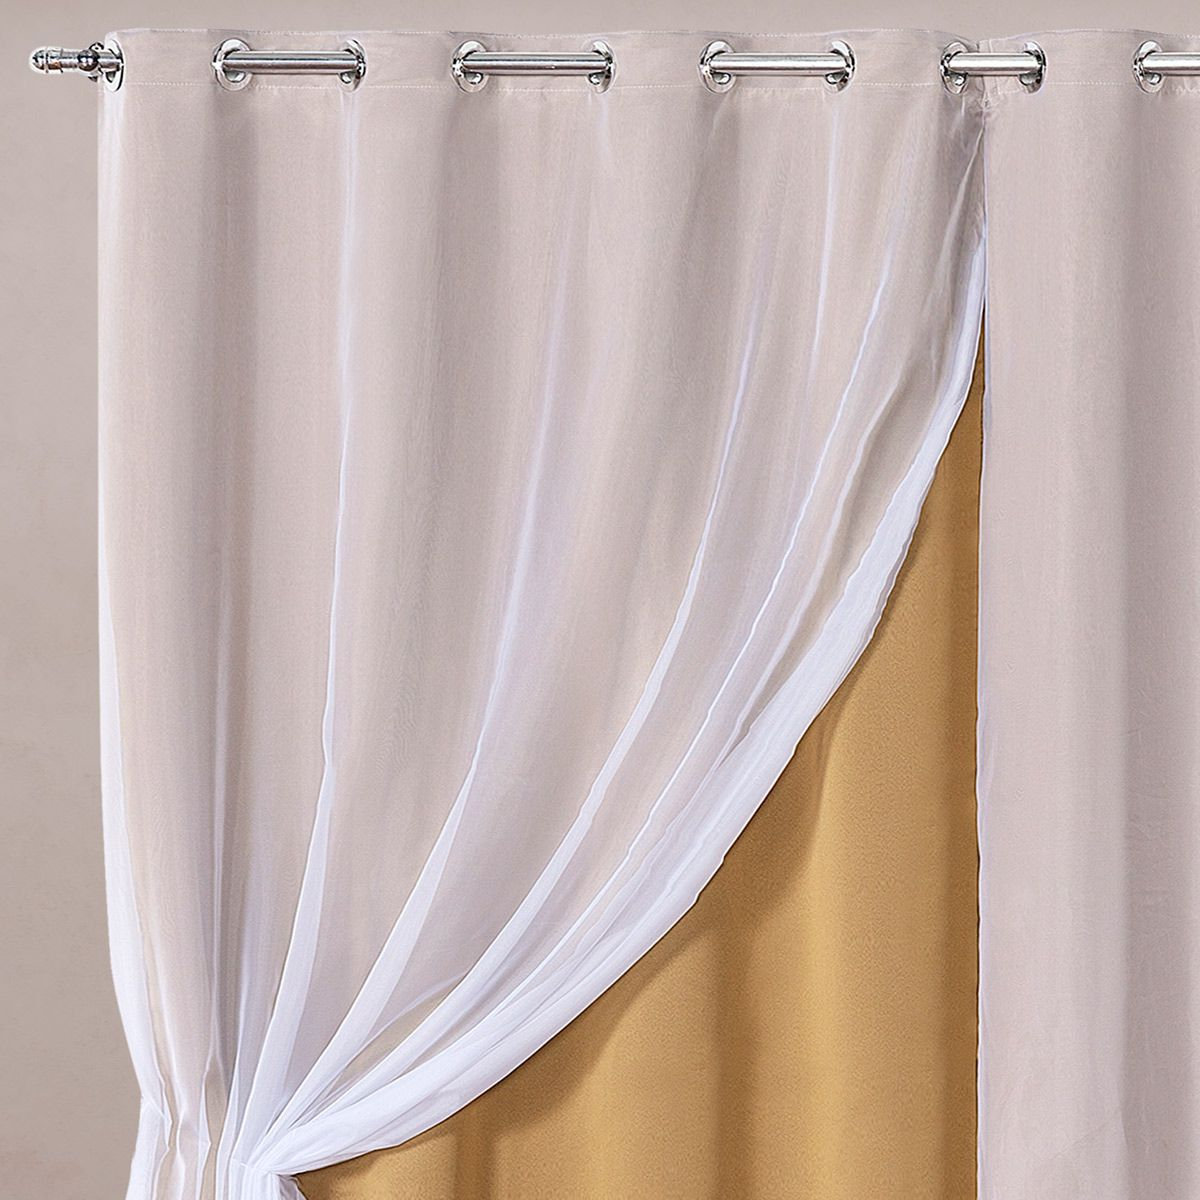 Cortina Blackout em Tecido Class c/ Voil Dourado/Branco Corta Luz 2,80m x 2,30m